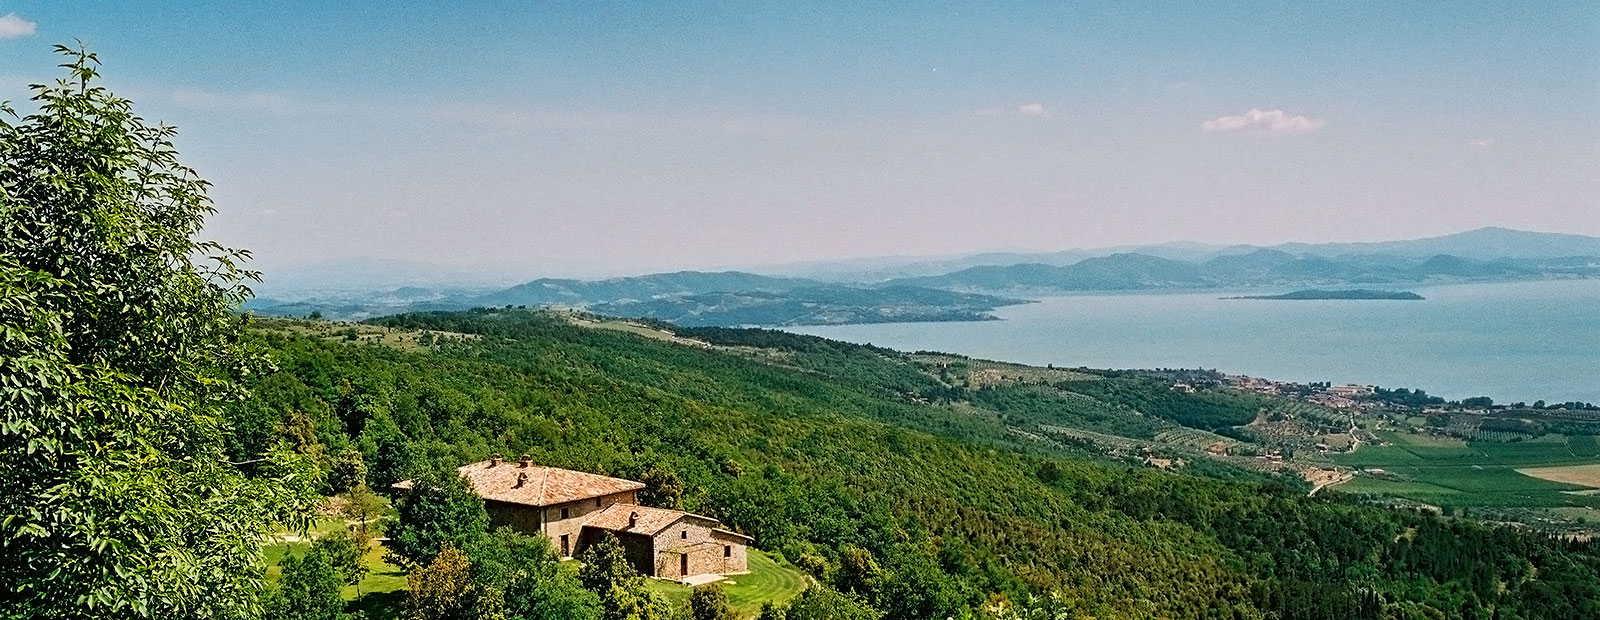 Exclusive holiday villas in Umbria